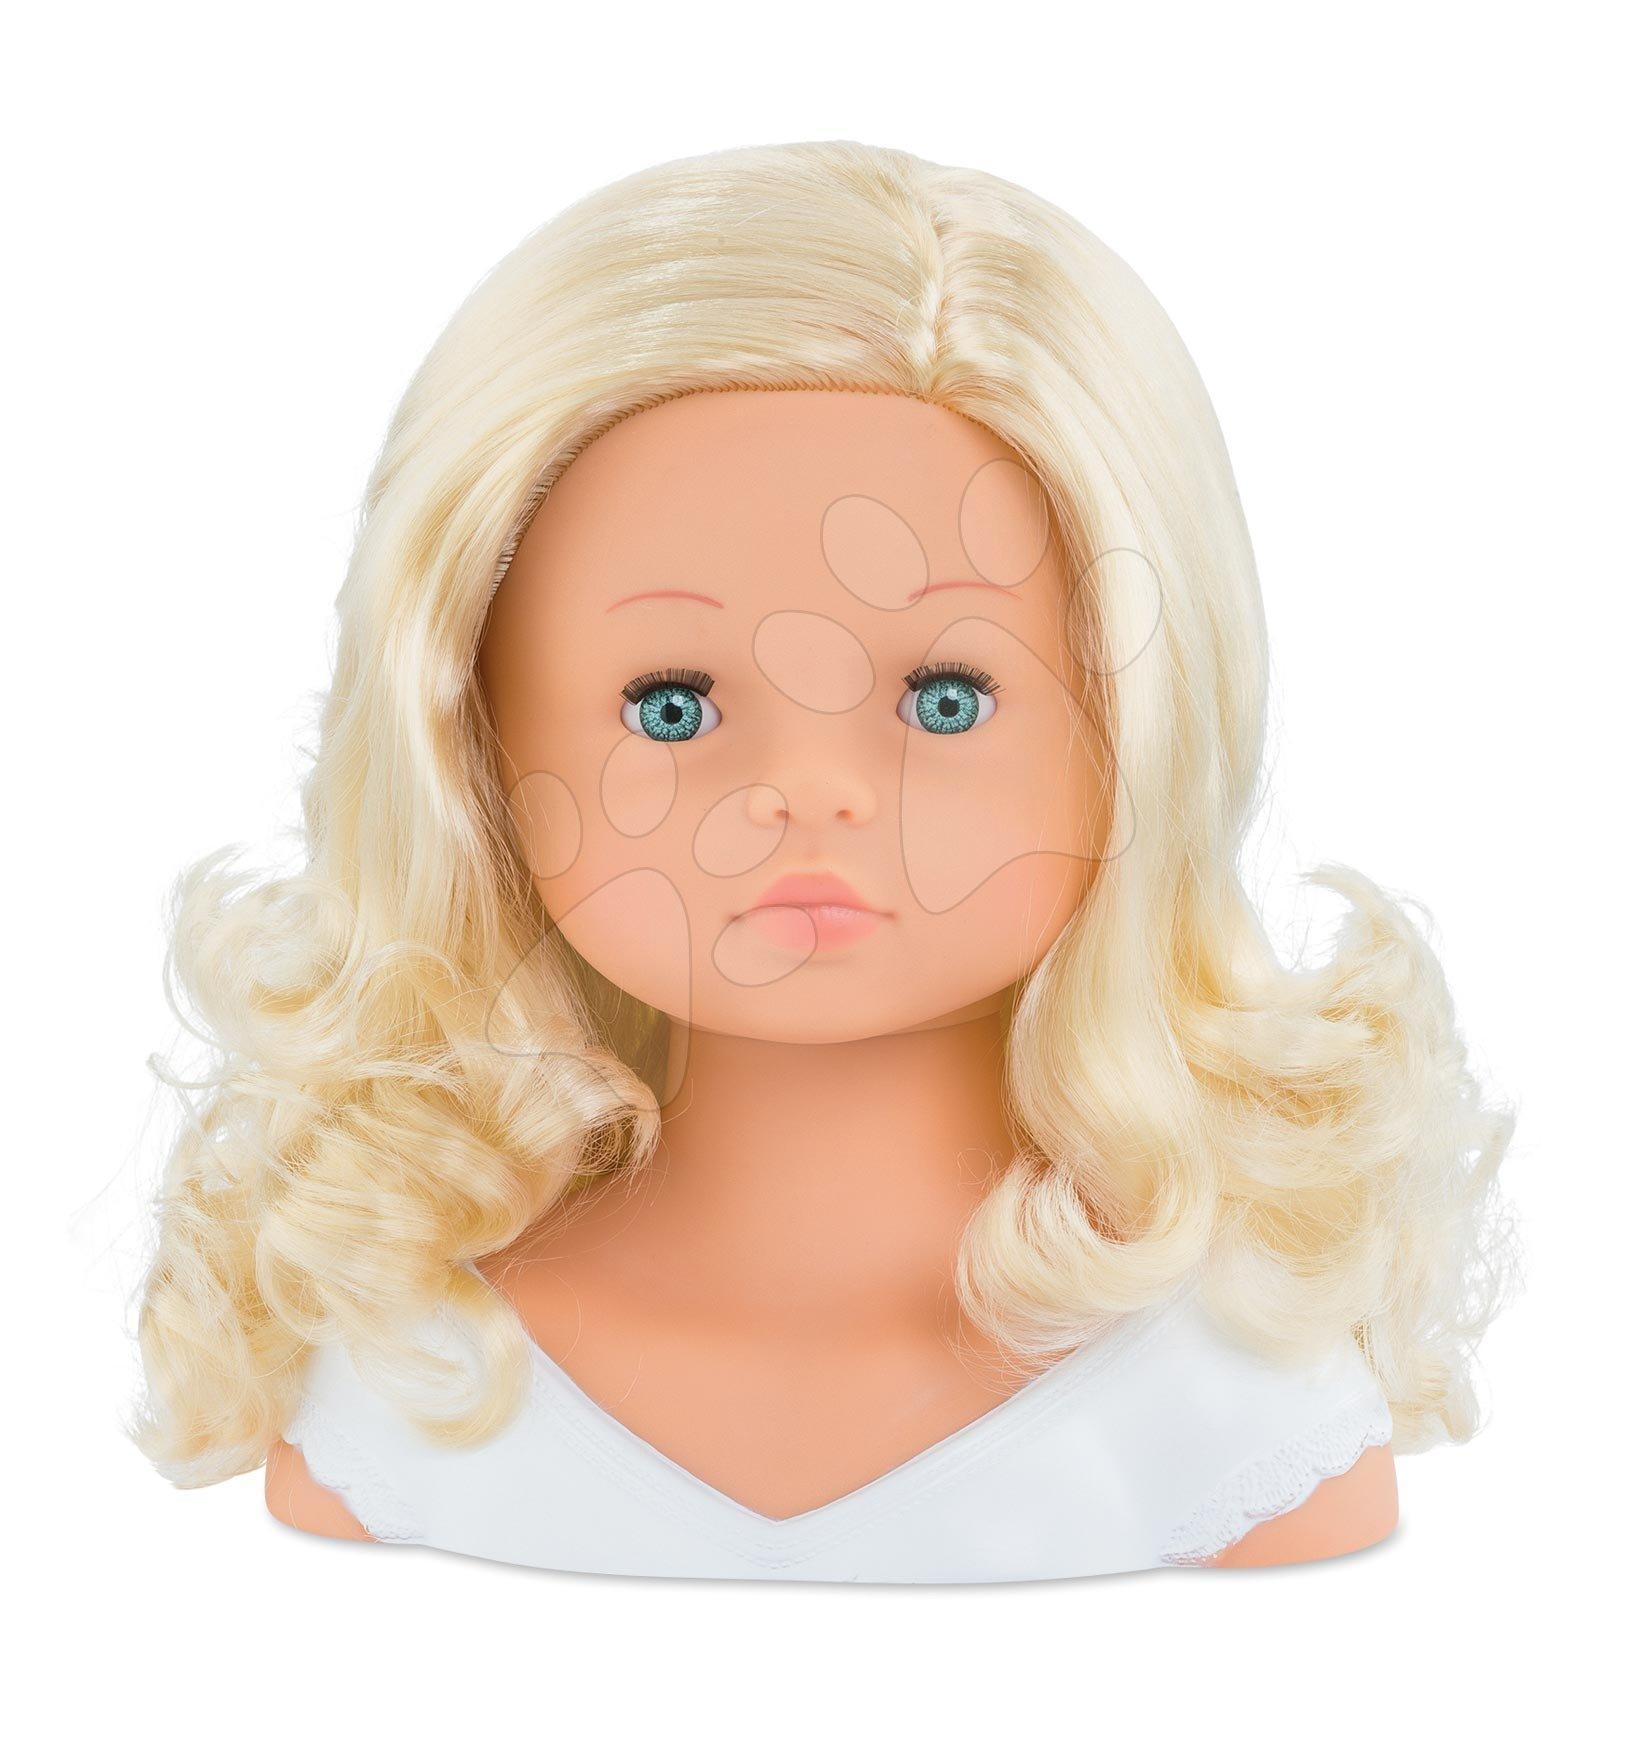 Kadeřnická česací hlava Hairdressing Head Corolle s krásně jemnými voňavými vlásky a 20 doplňky od 3 let